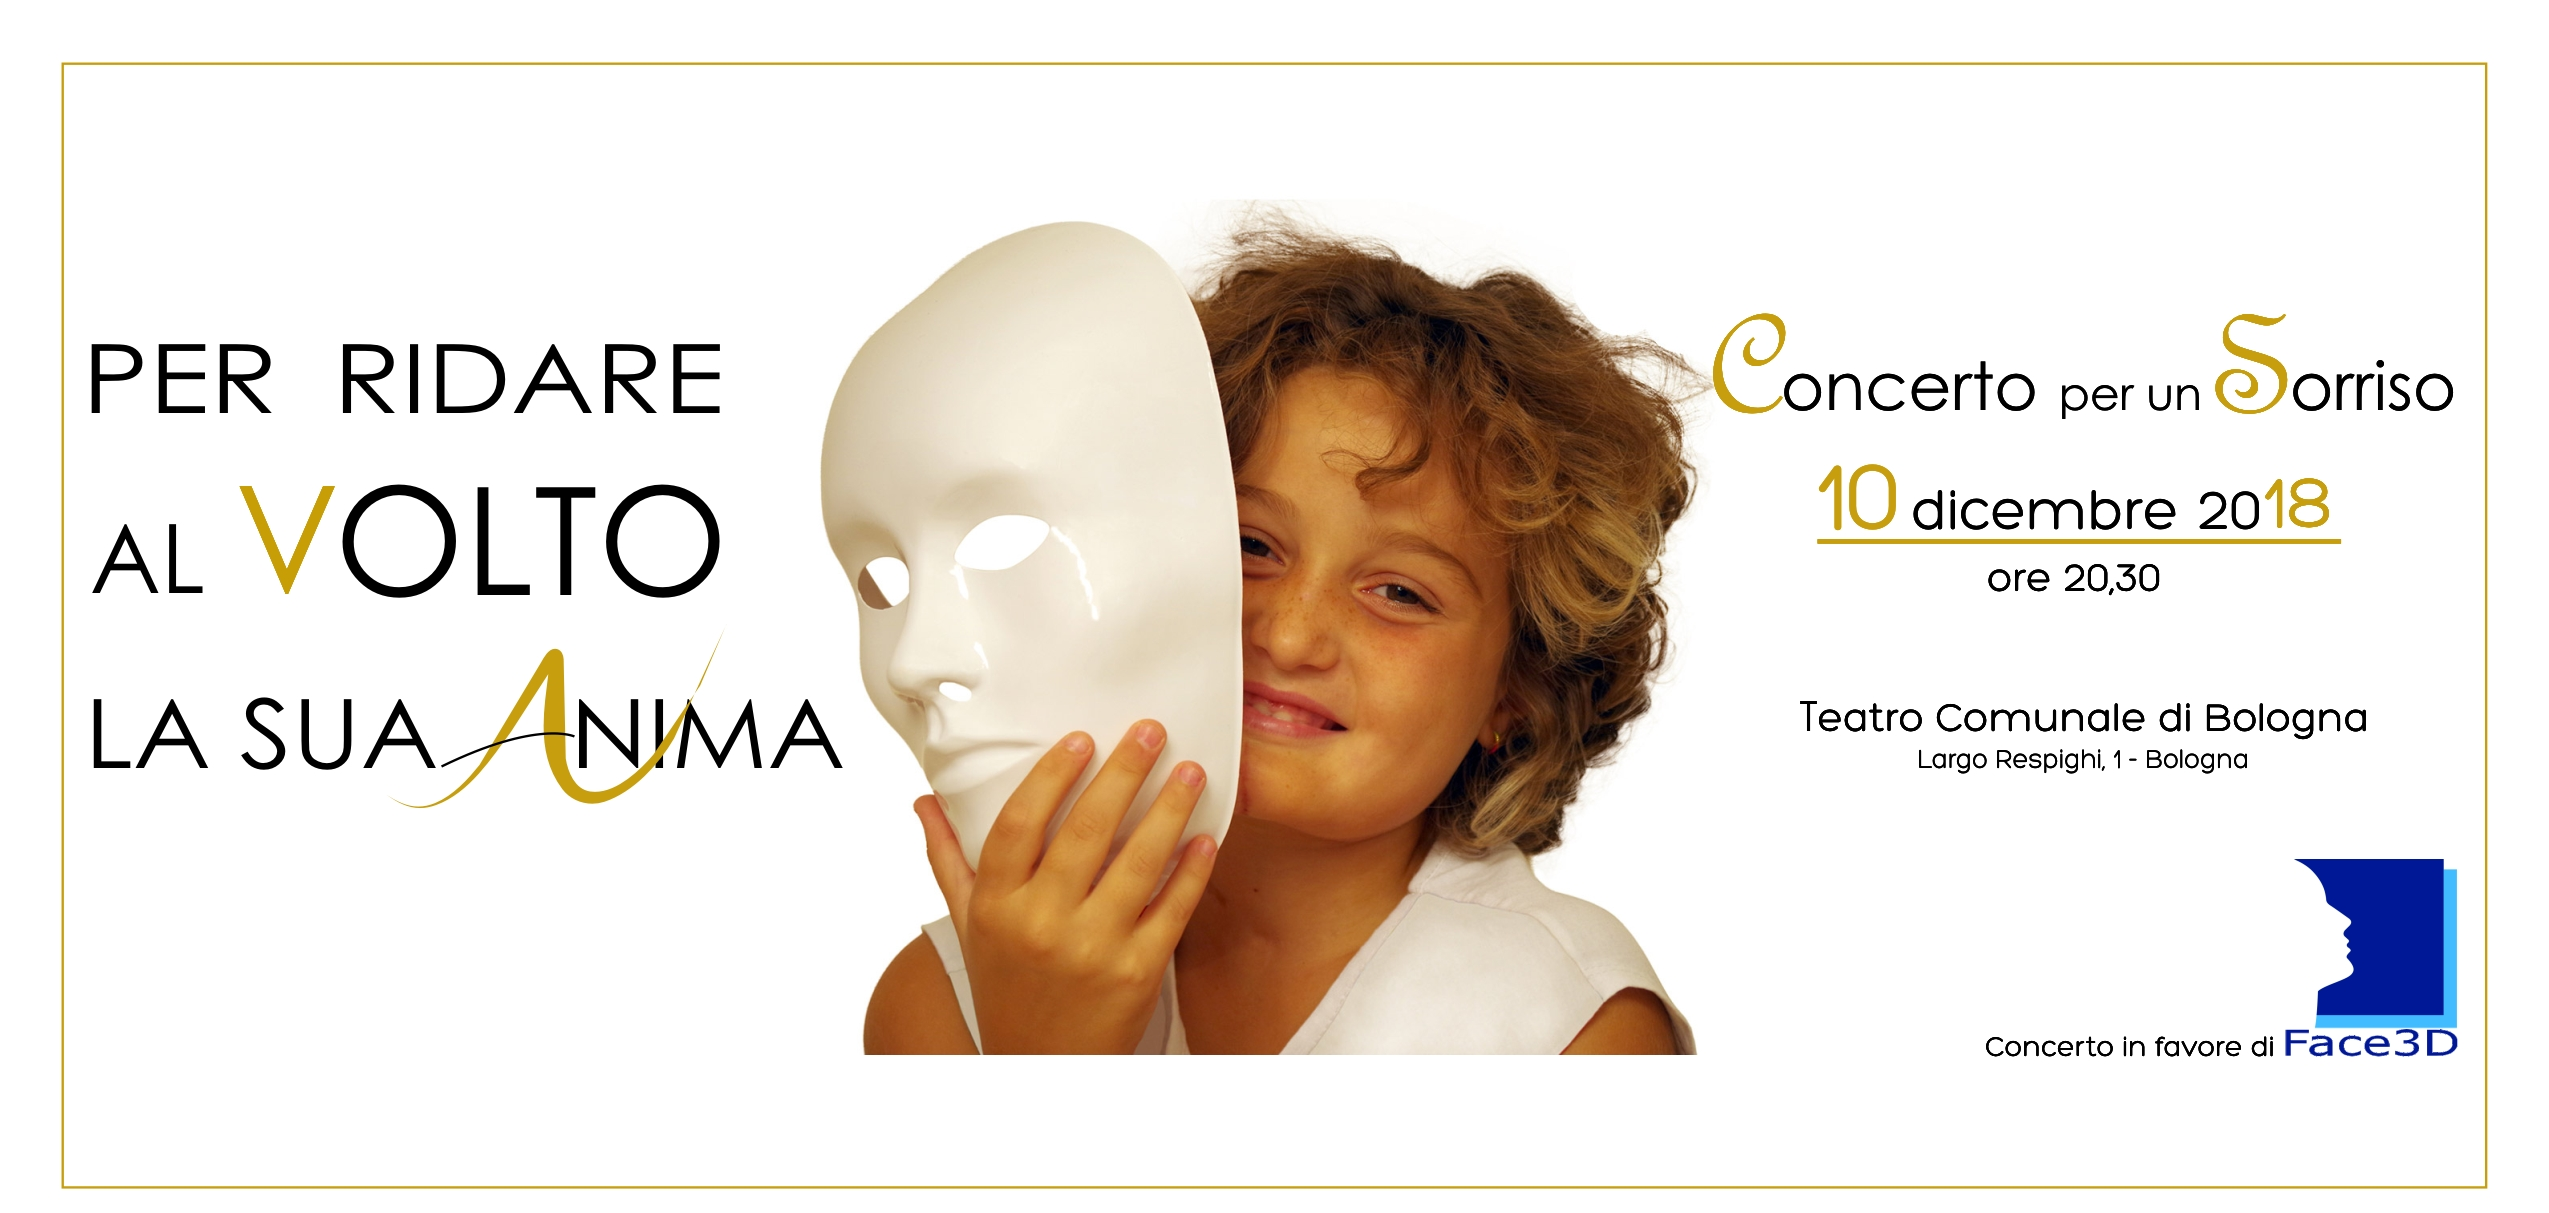 Concerto per un sorriso: Face3d ringrazia il Grande Oriente d'Italia e il Collegio. Le risposte del Gran Maestro e del Presidente di Collegio